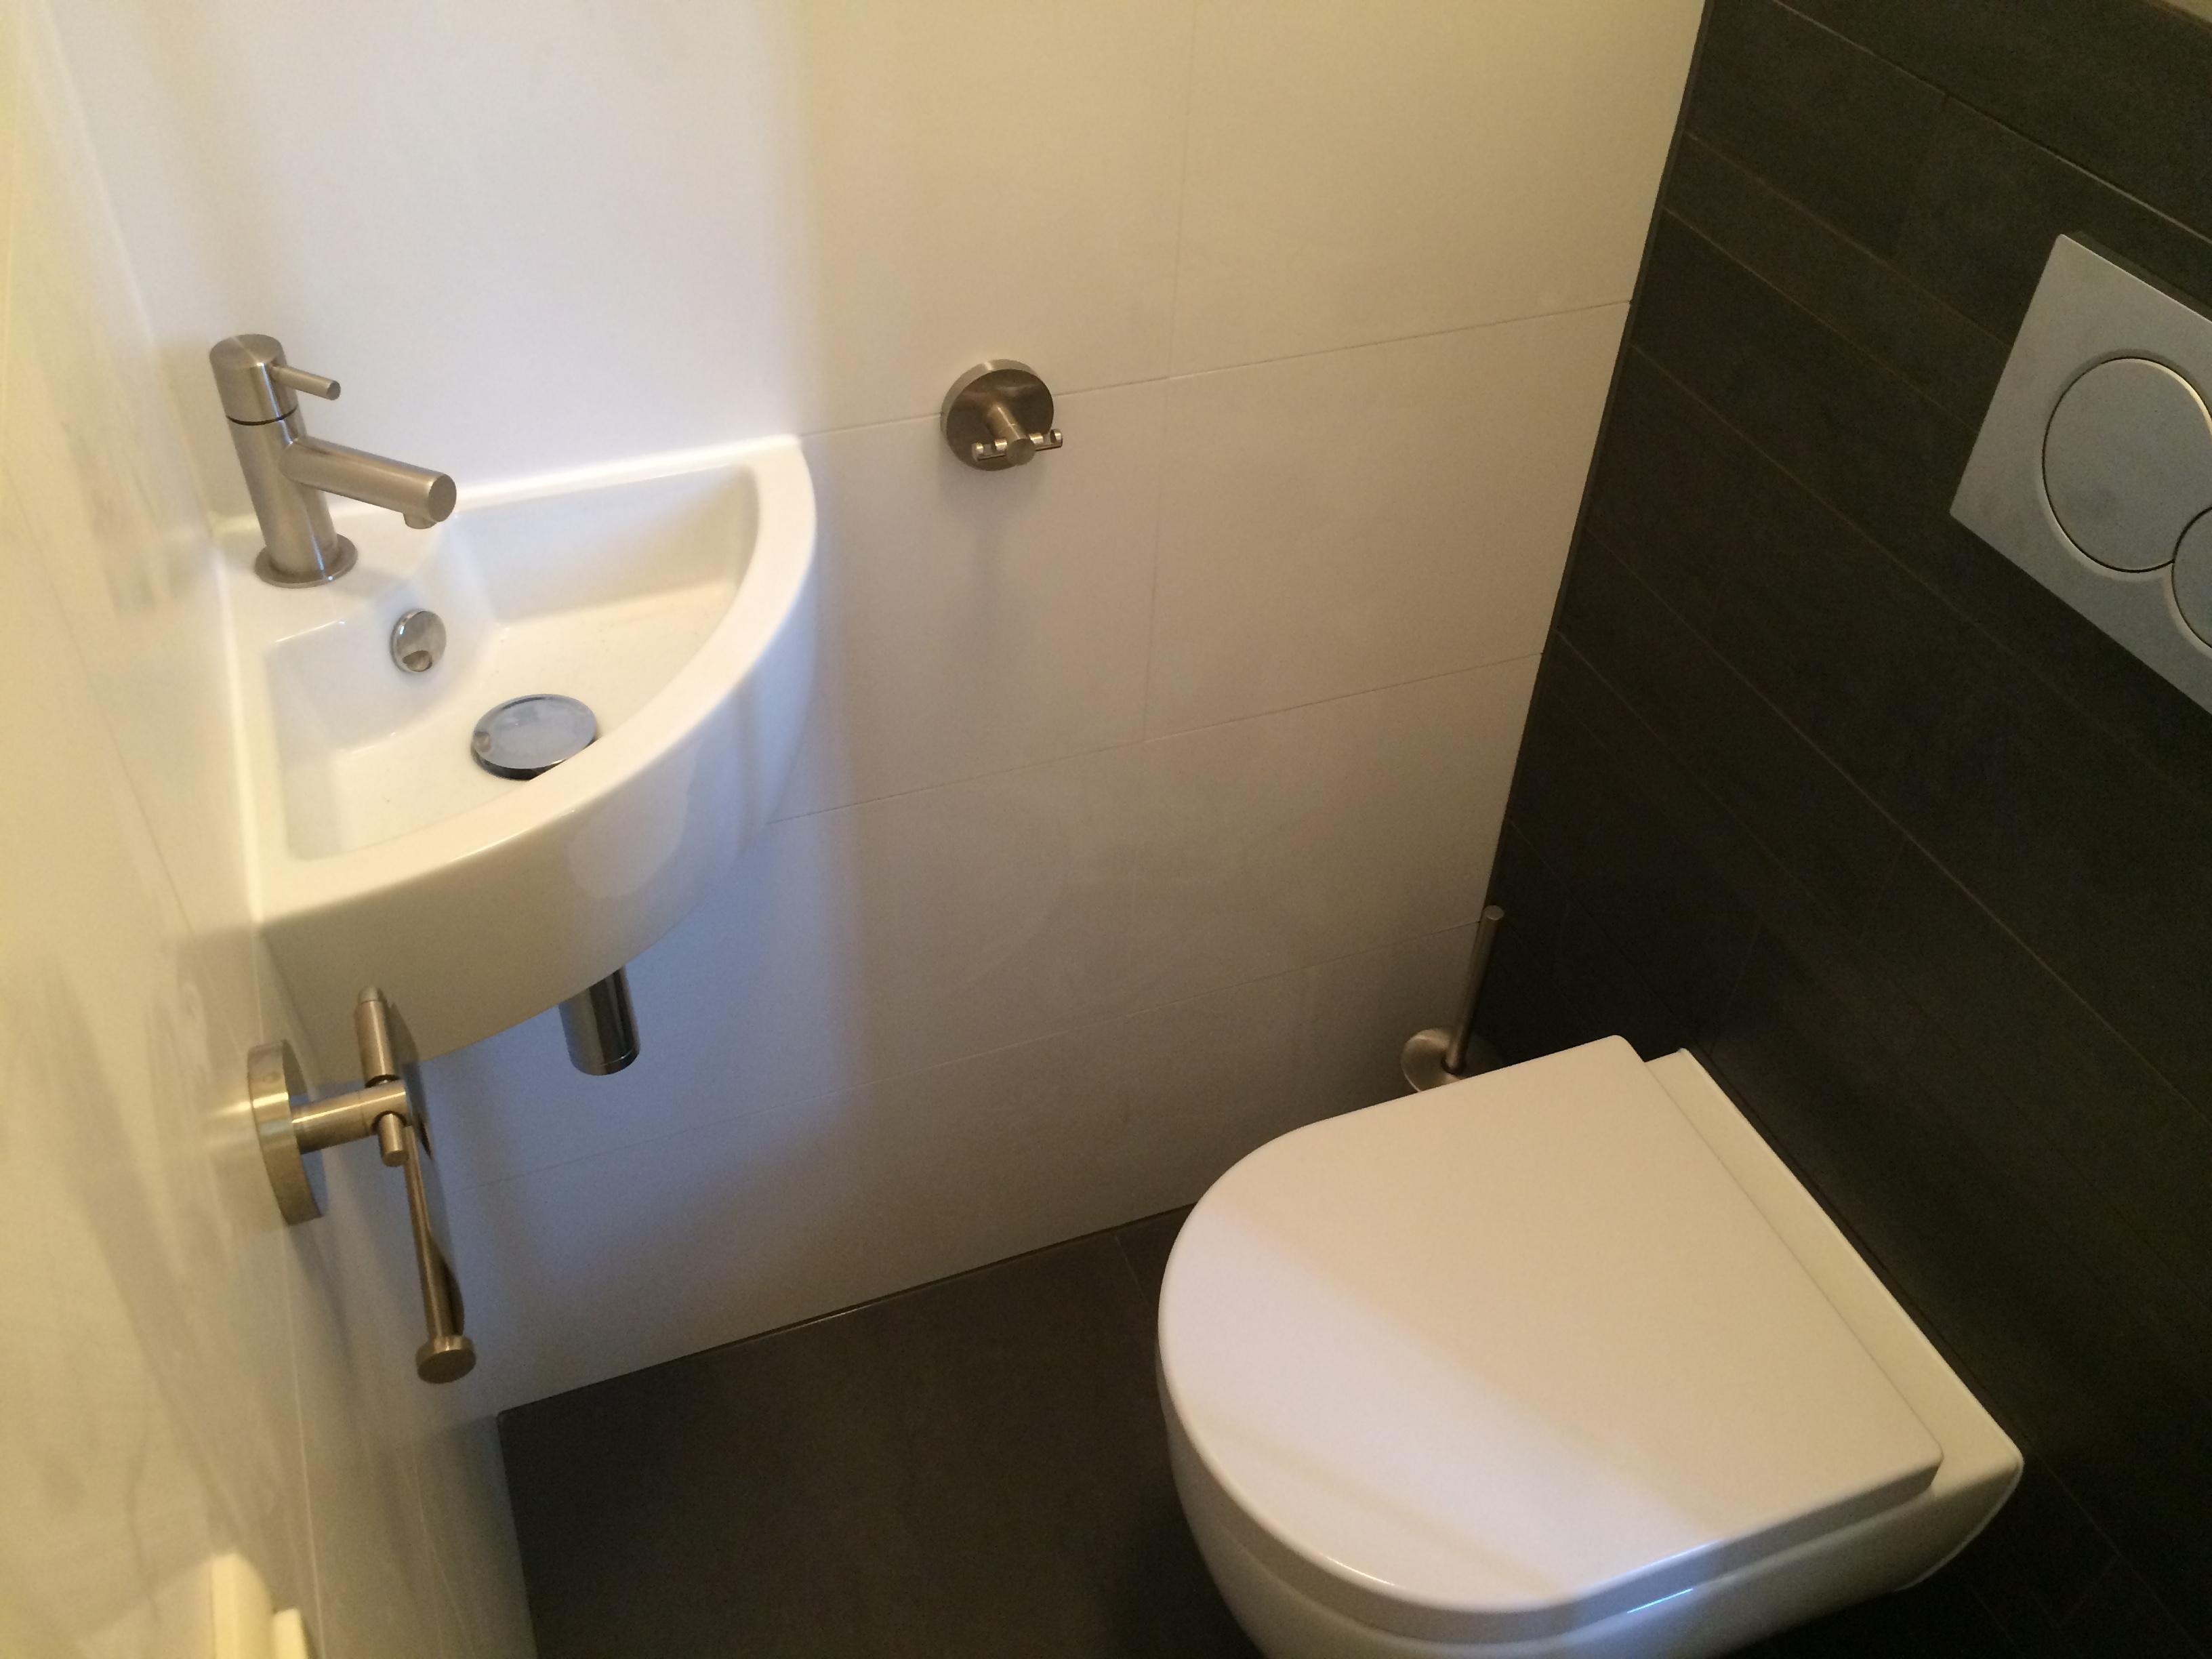 Toilet Verbouwen Kosten : Toilet renovatie toilet verbouwen de topper in toilet purmerend